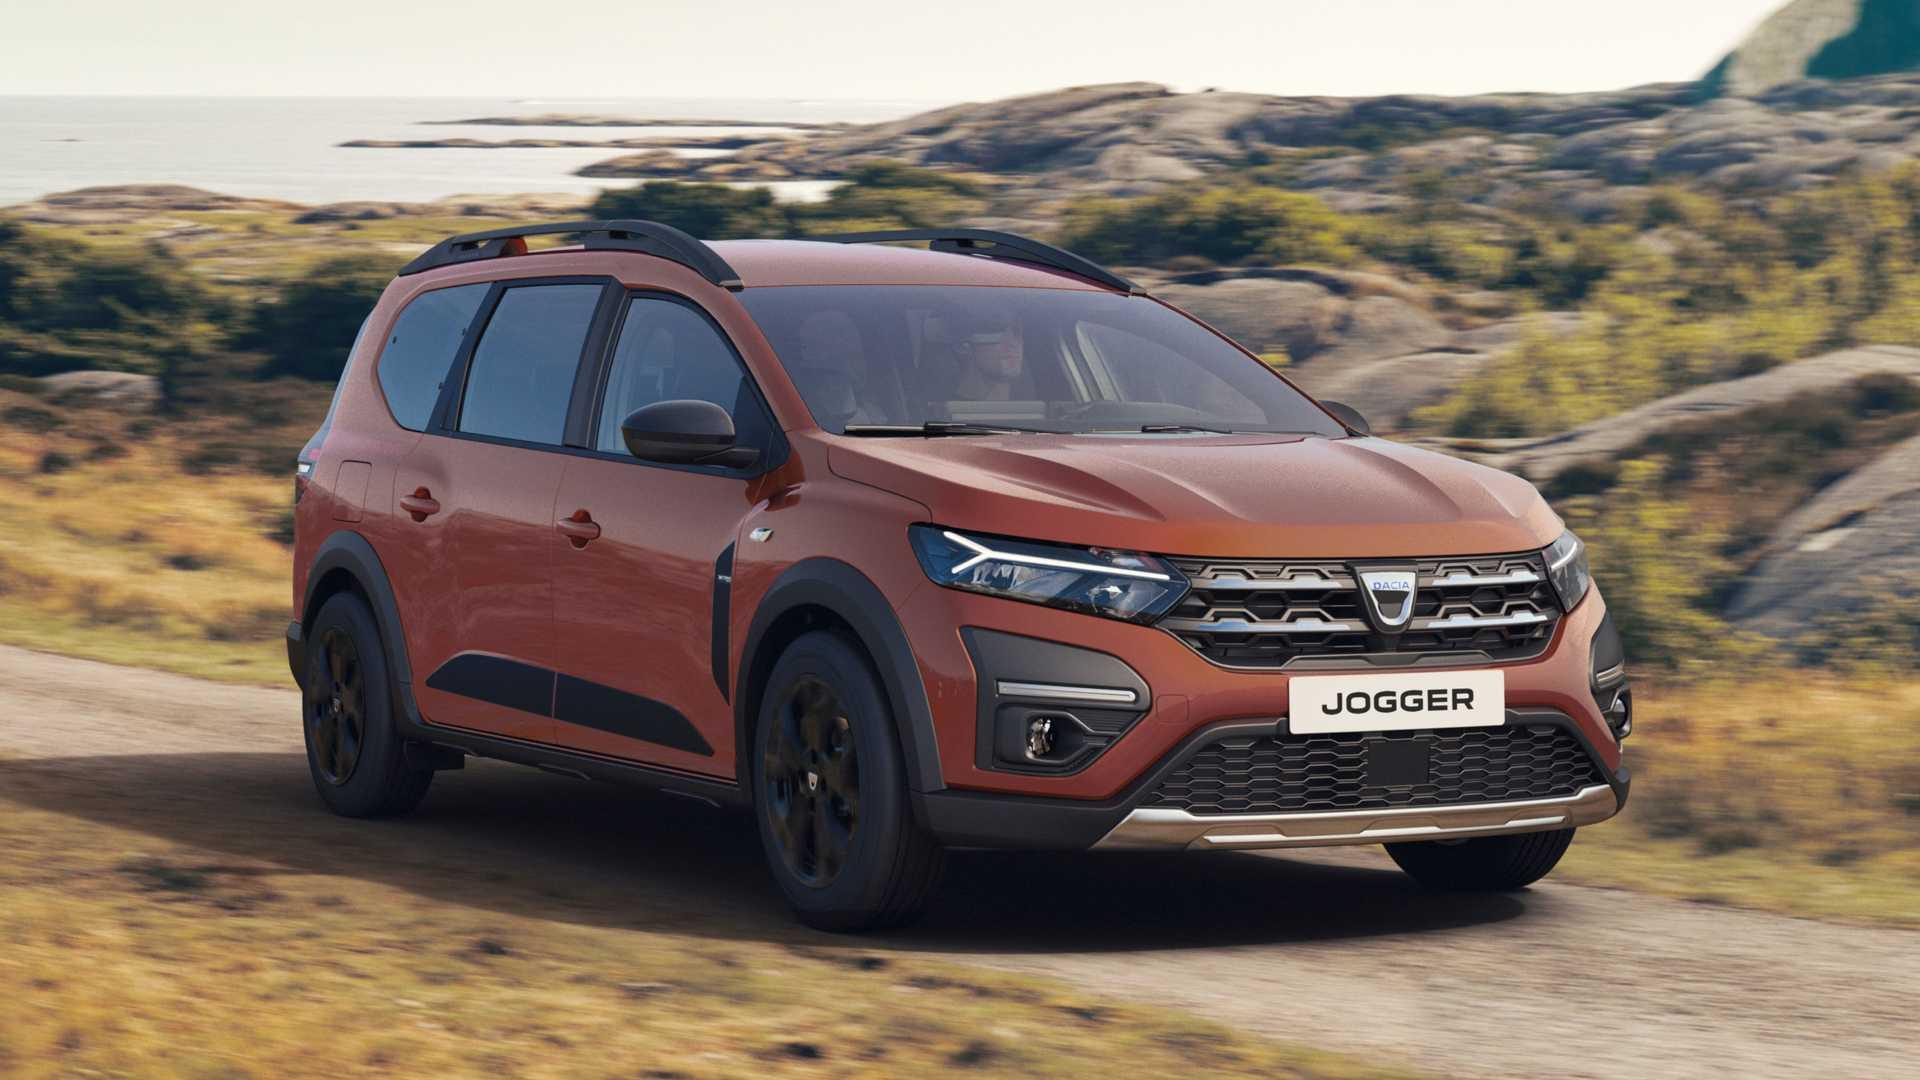 Dacia представила свой новый автомобиль – Jogger («Бегун») с пяти- и семиместным салоном. Заказы на него будут принимать уже в ноябре текущего года, а первые экземпляры соберут в феврале 2022-го. Цены объявят позже.